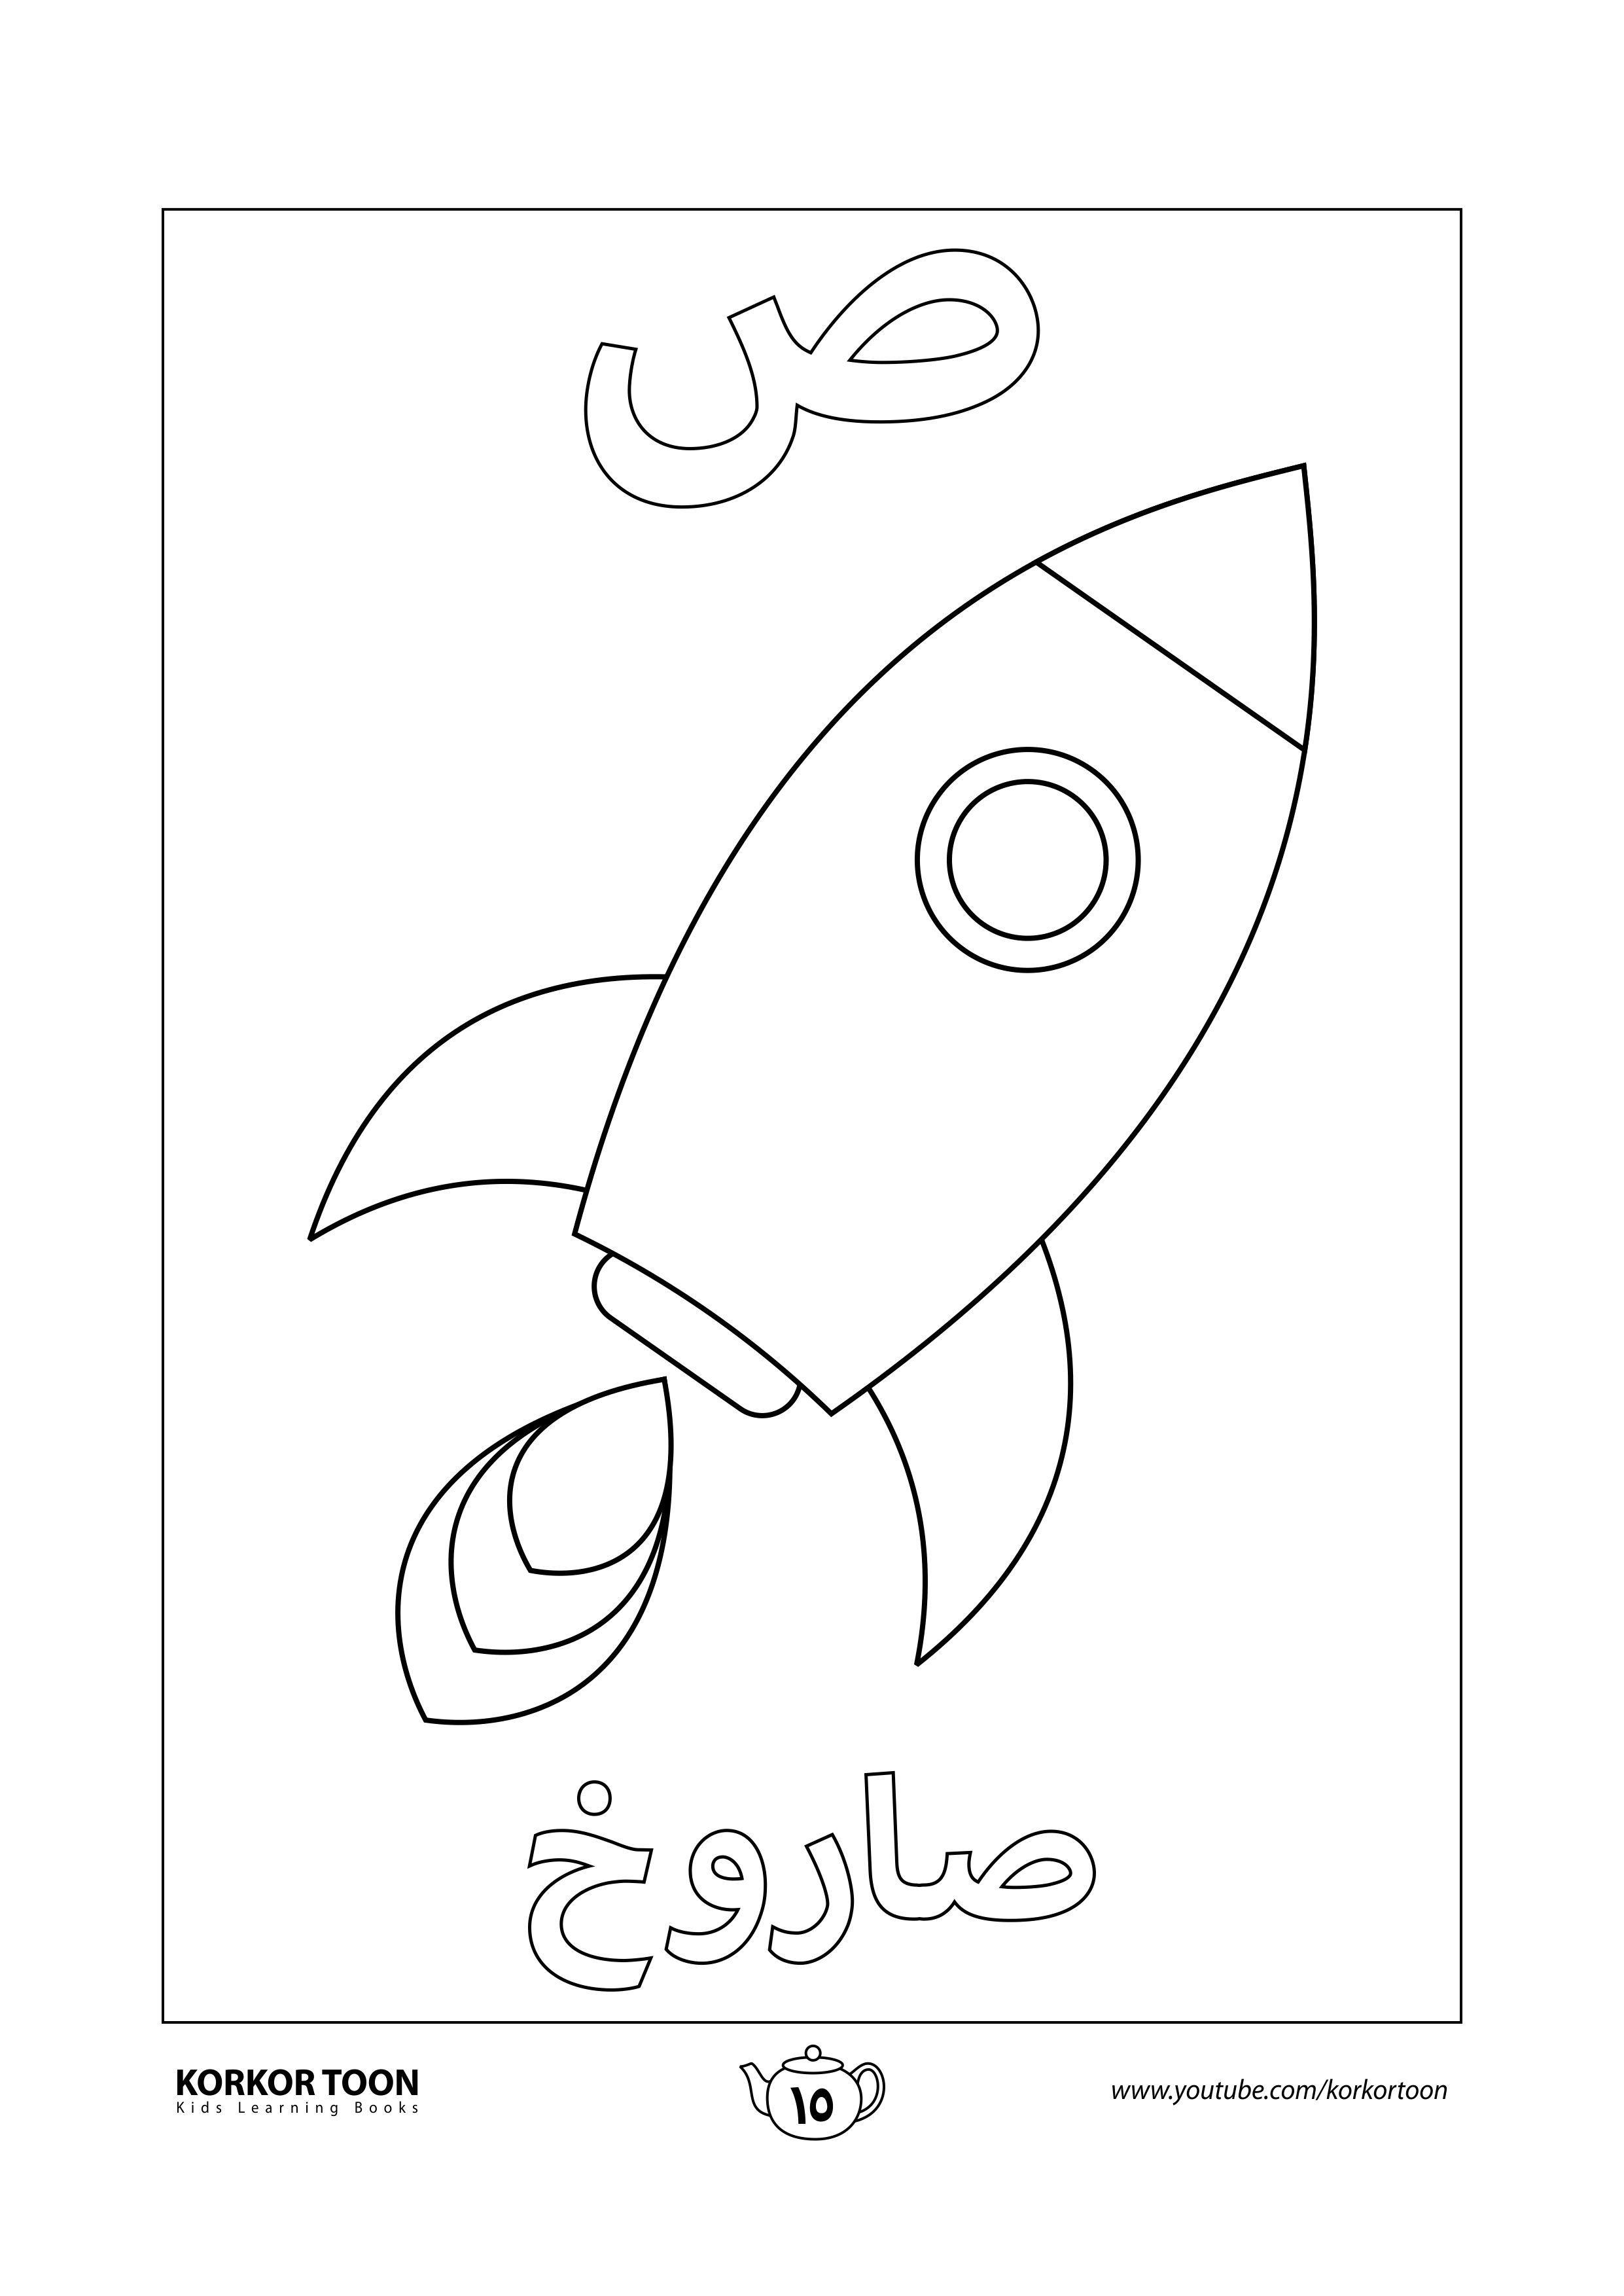 صفحة تلوين حرف الصاد كتاب تلوين الحروف العربية للأطفال Arabic Alphabet Learning Arabic Preschool Worksheets